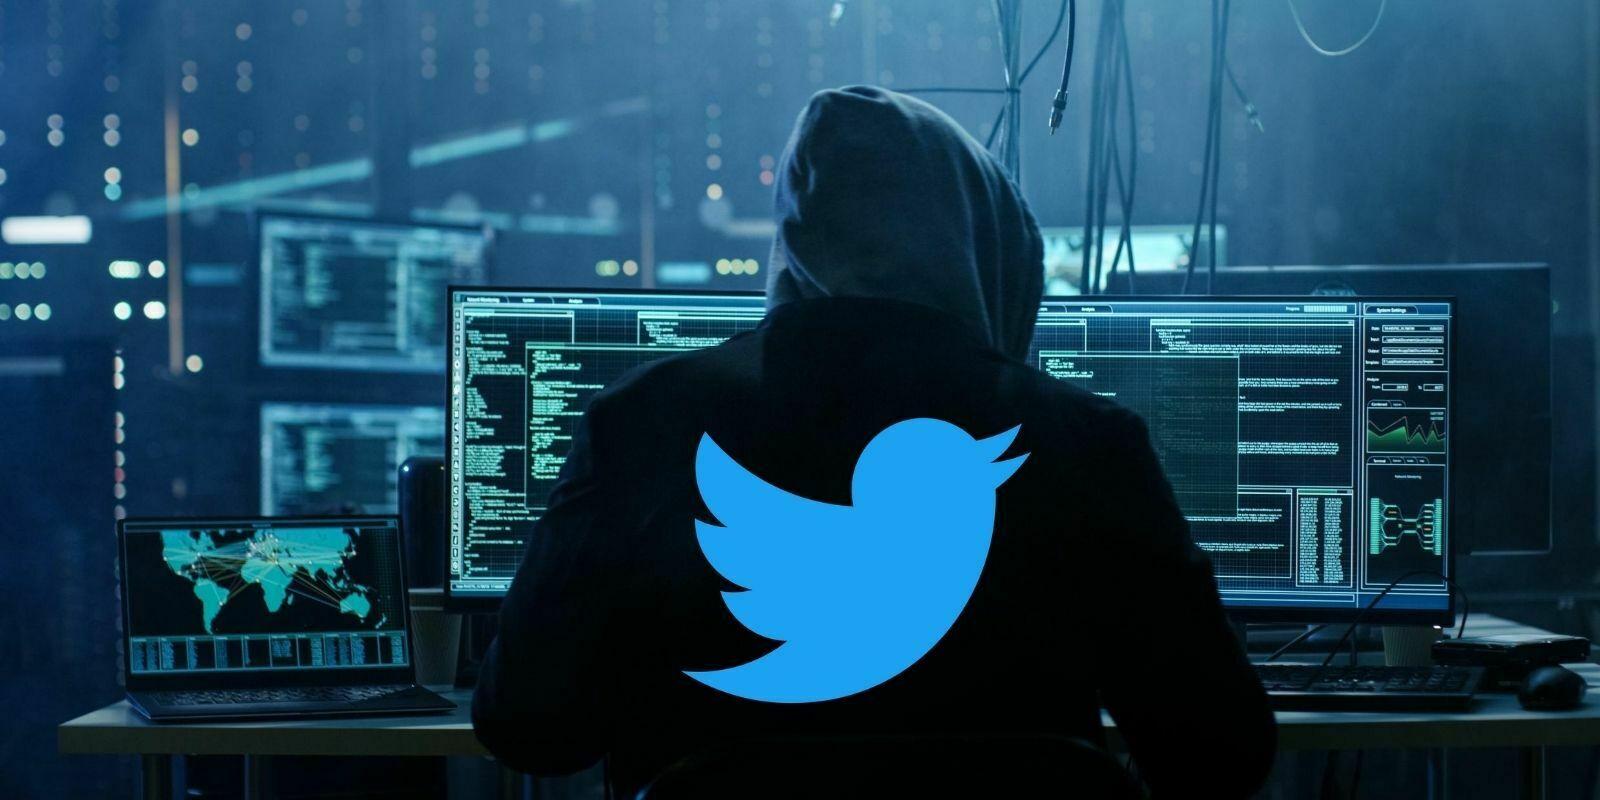 Piratage de Twitter : le principal accusé possédait plus de $3M en Bitcoin